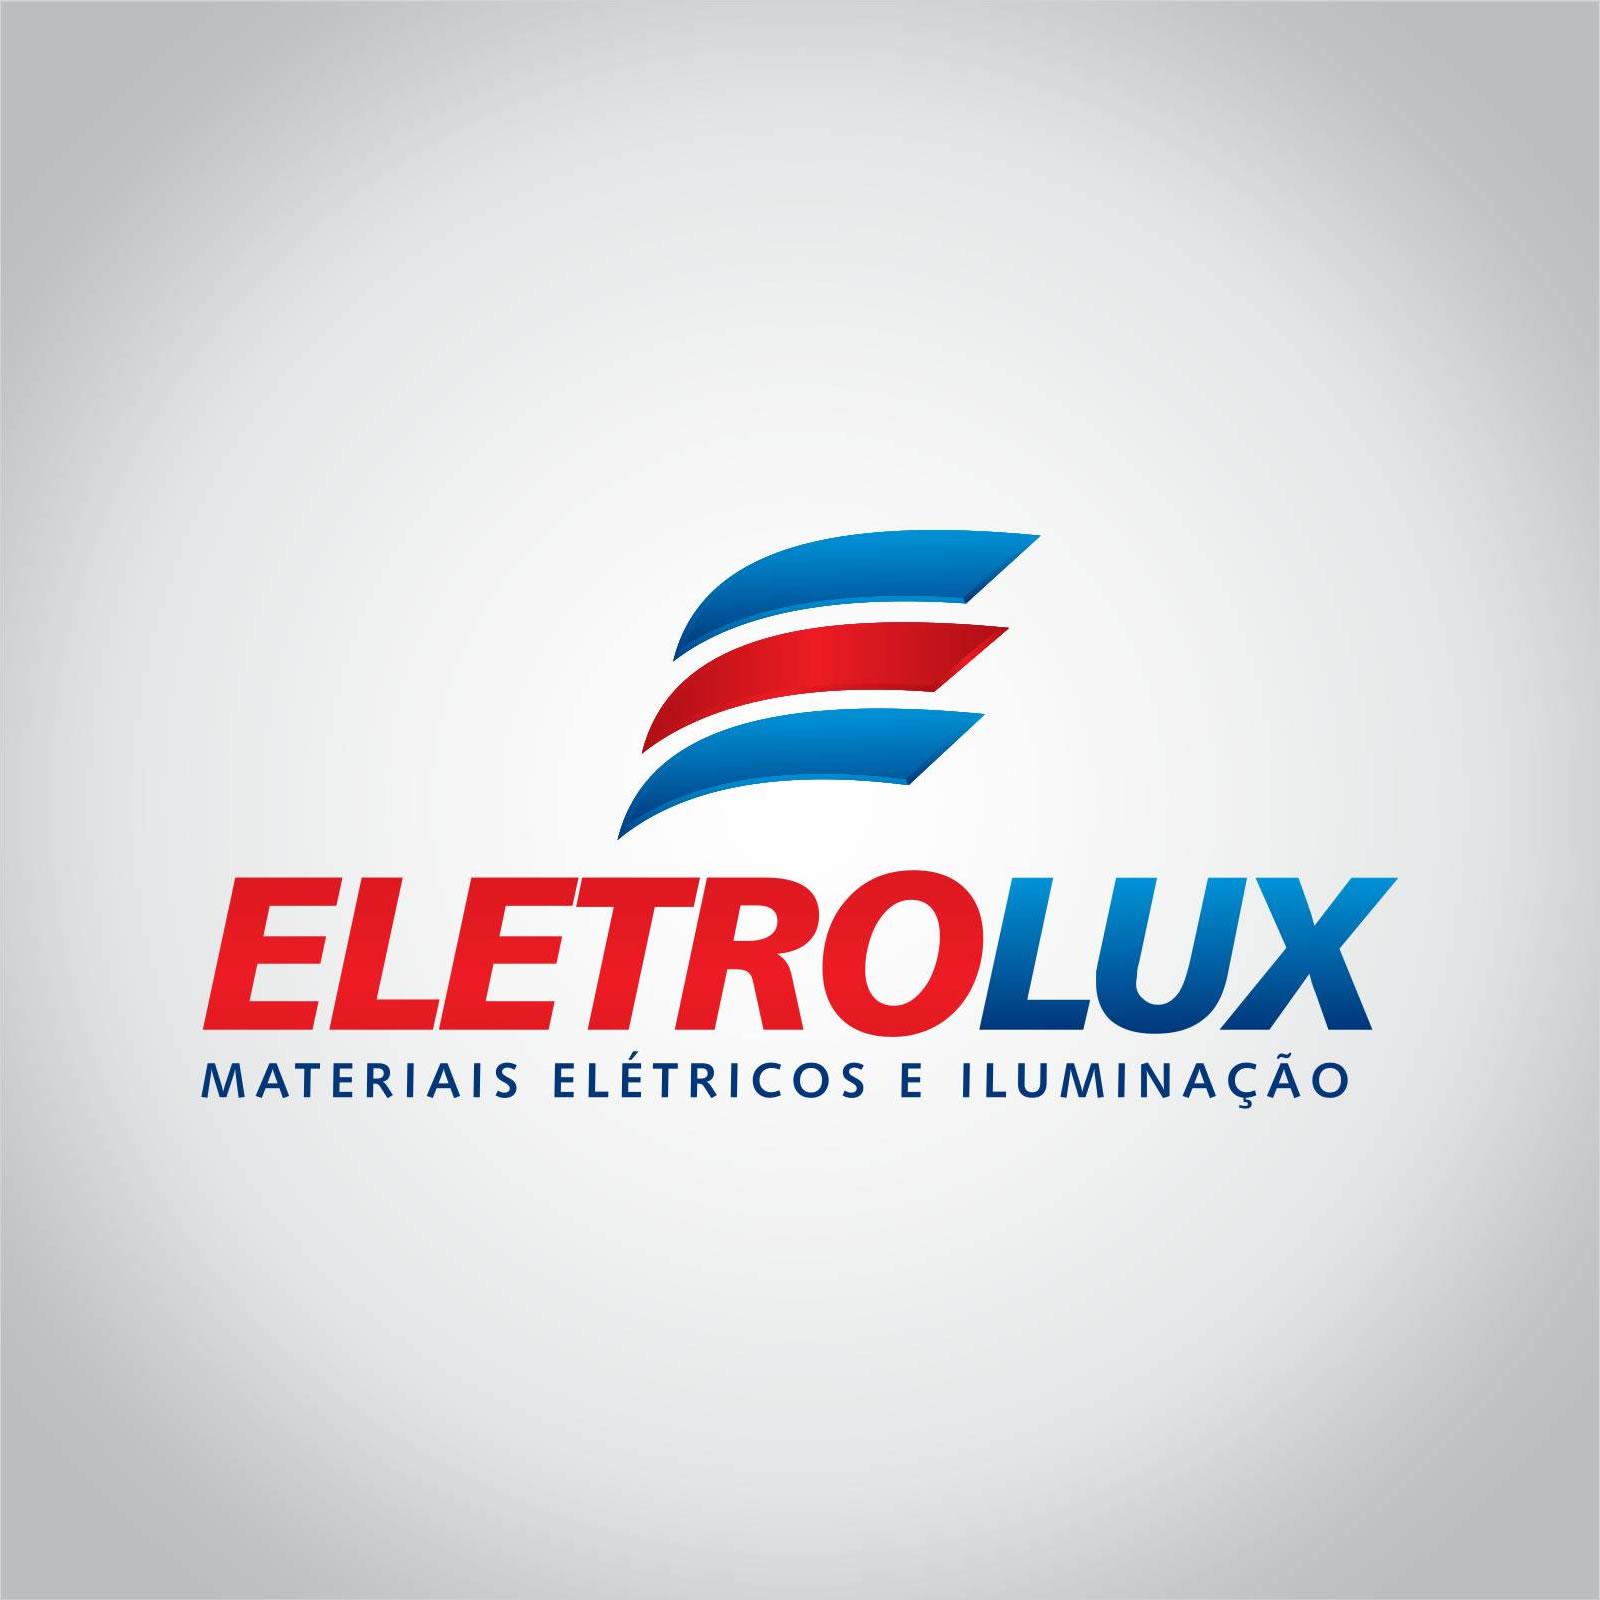 Logomarca   Eletrolux Materiais Elétricos e Iluminação